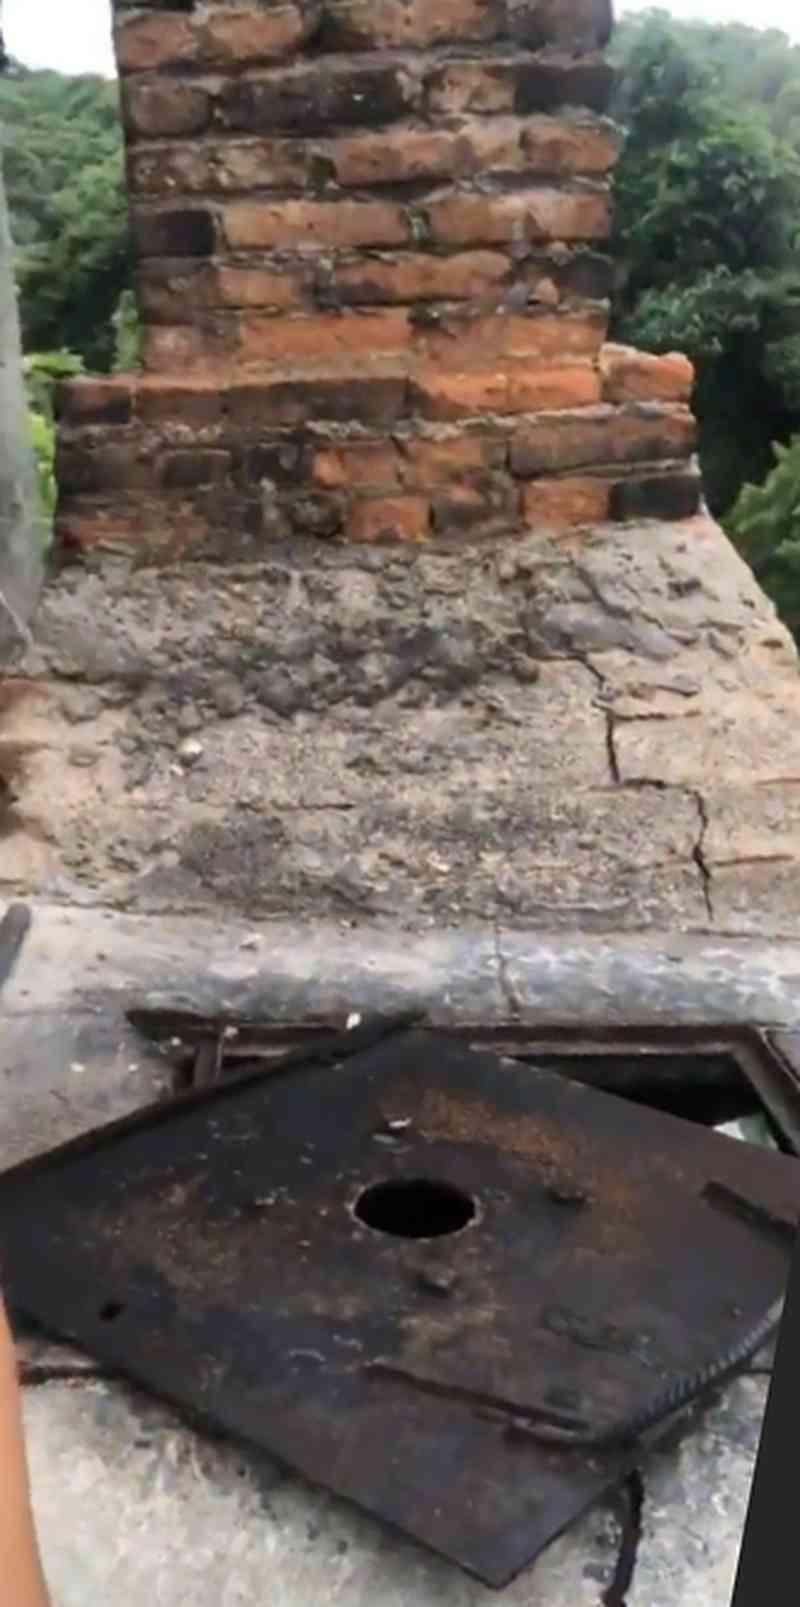 Canil com mais de 1,5 mil cães tinha forno para incineração de animais, diz polícia